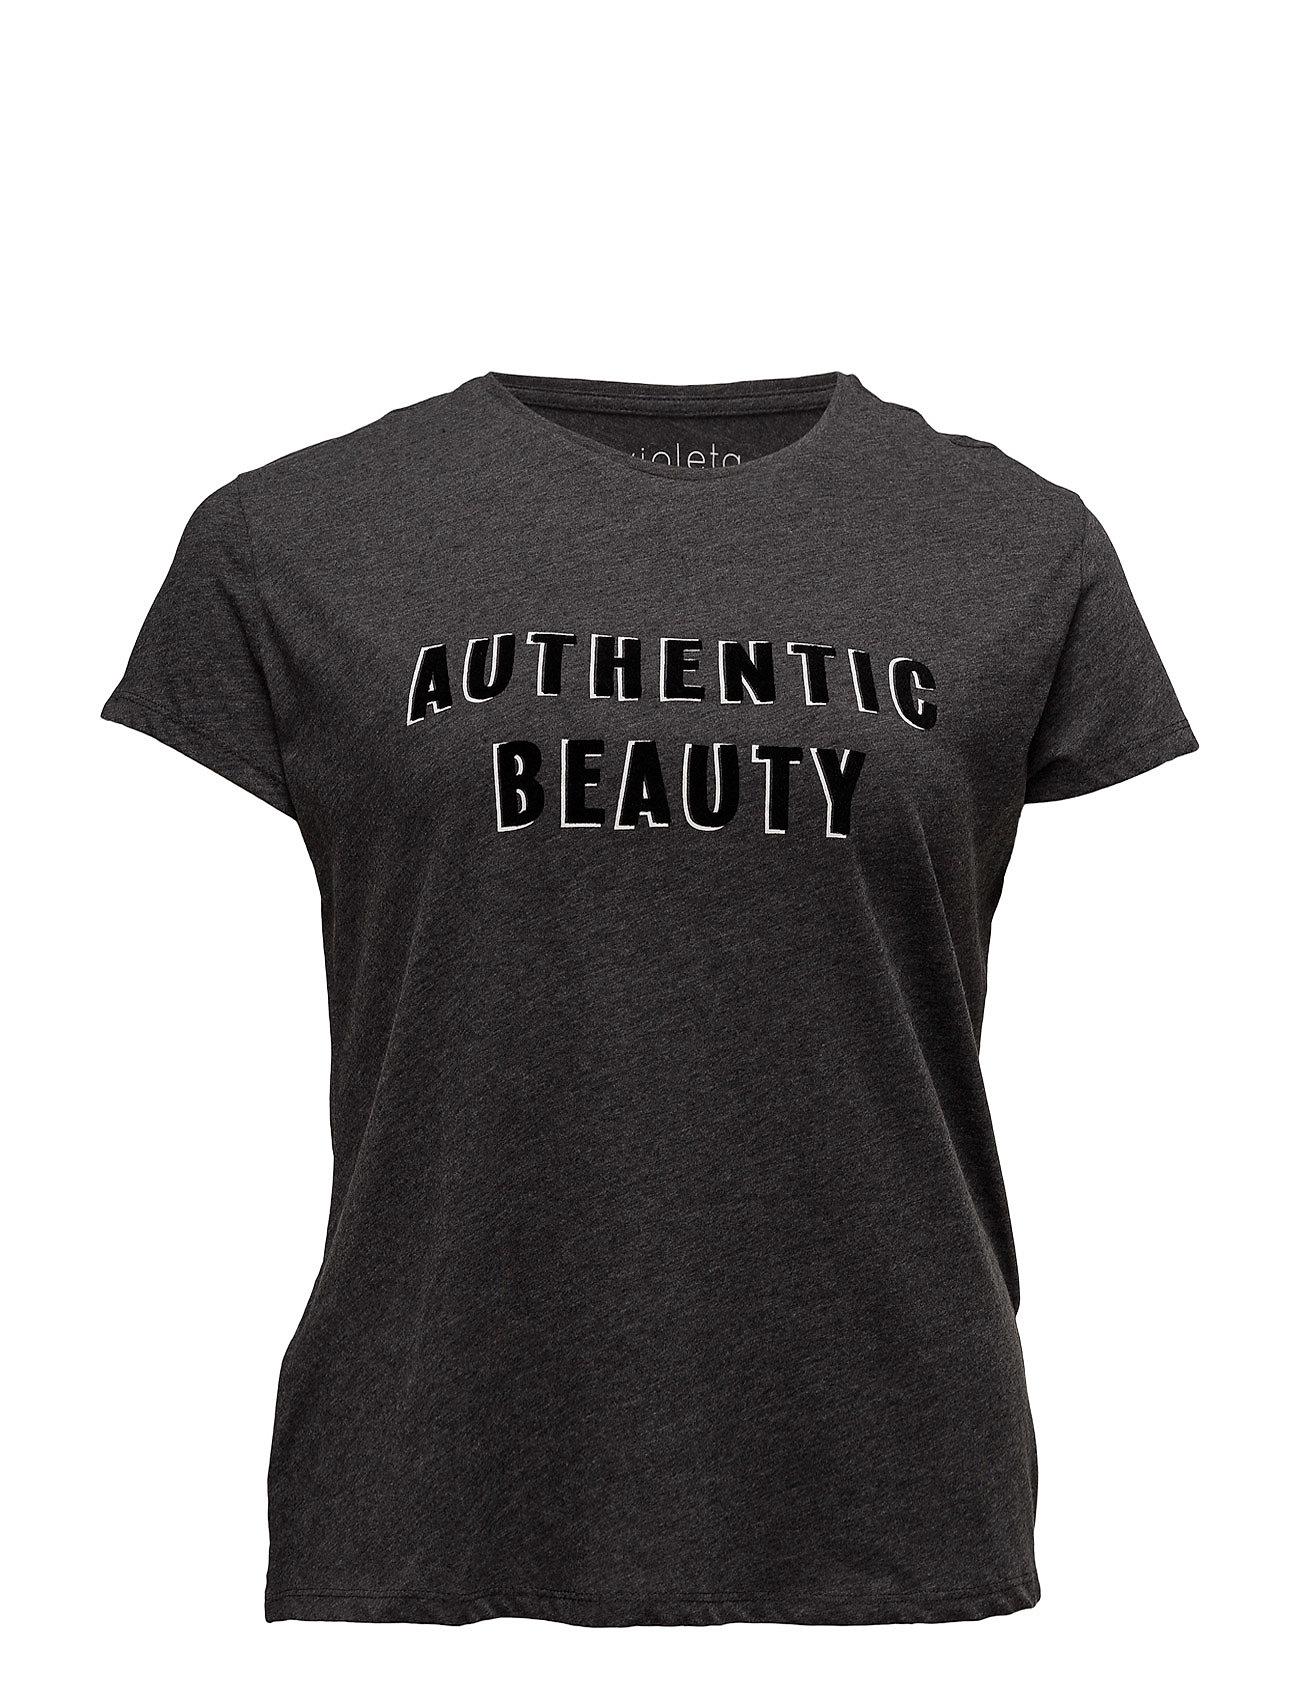 Textured Message T-Shirt Violeta by Mango Kortærmede til Damer i Grå